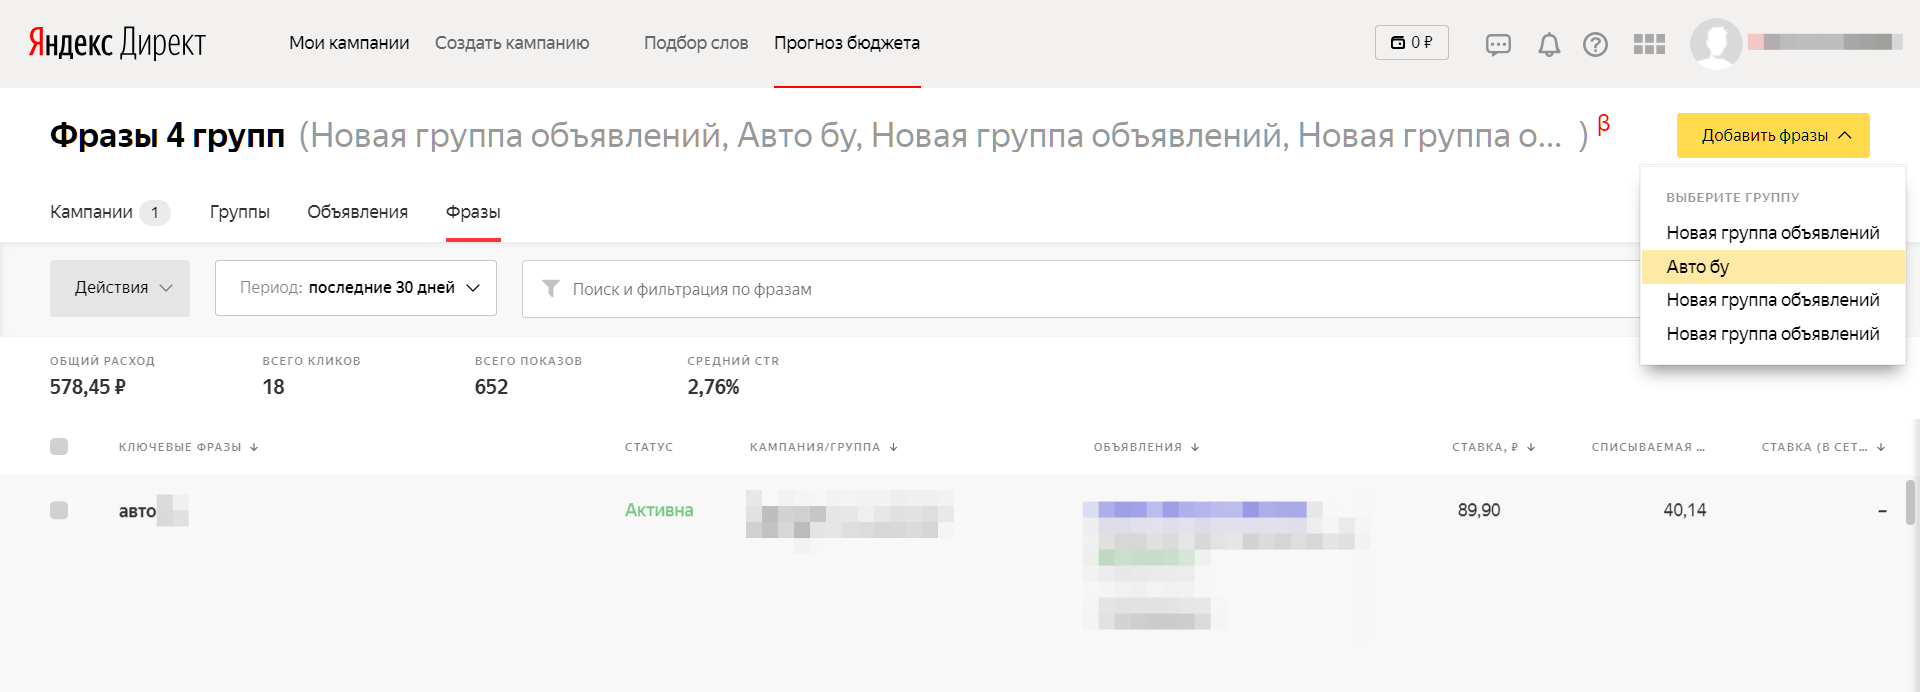 Обзор нового интерфейса Яндекс.Директа